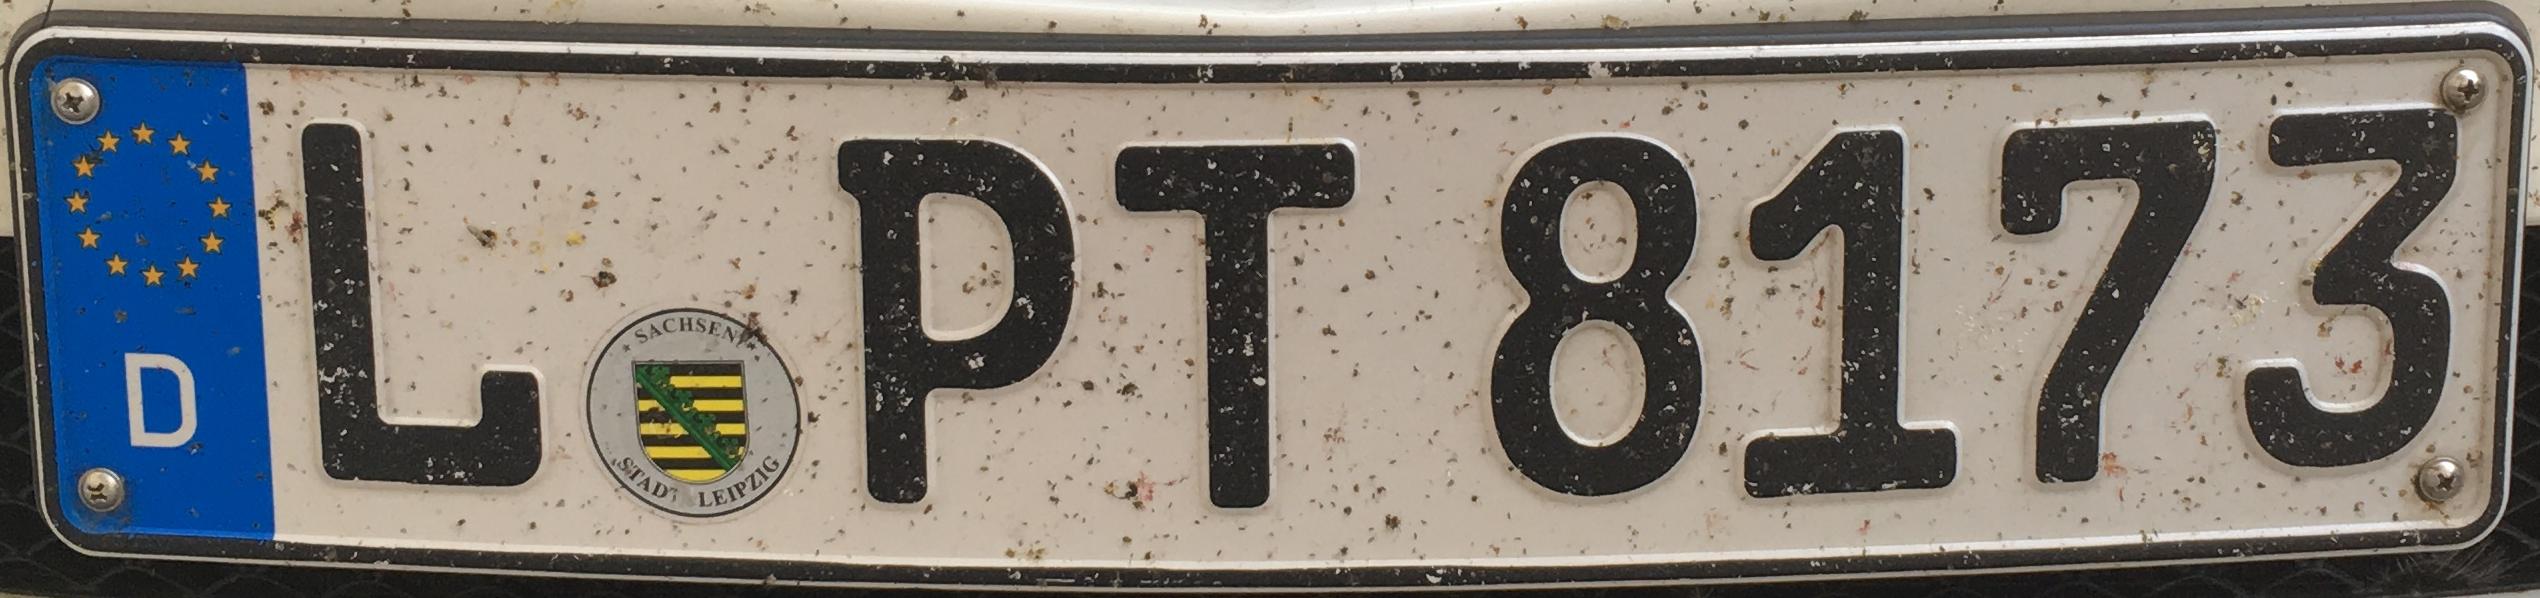 Registrační značka Německo - L - Leipzig, foto: www.podalnici.cz